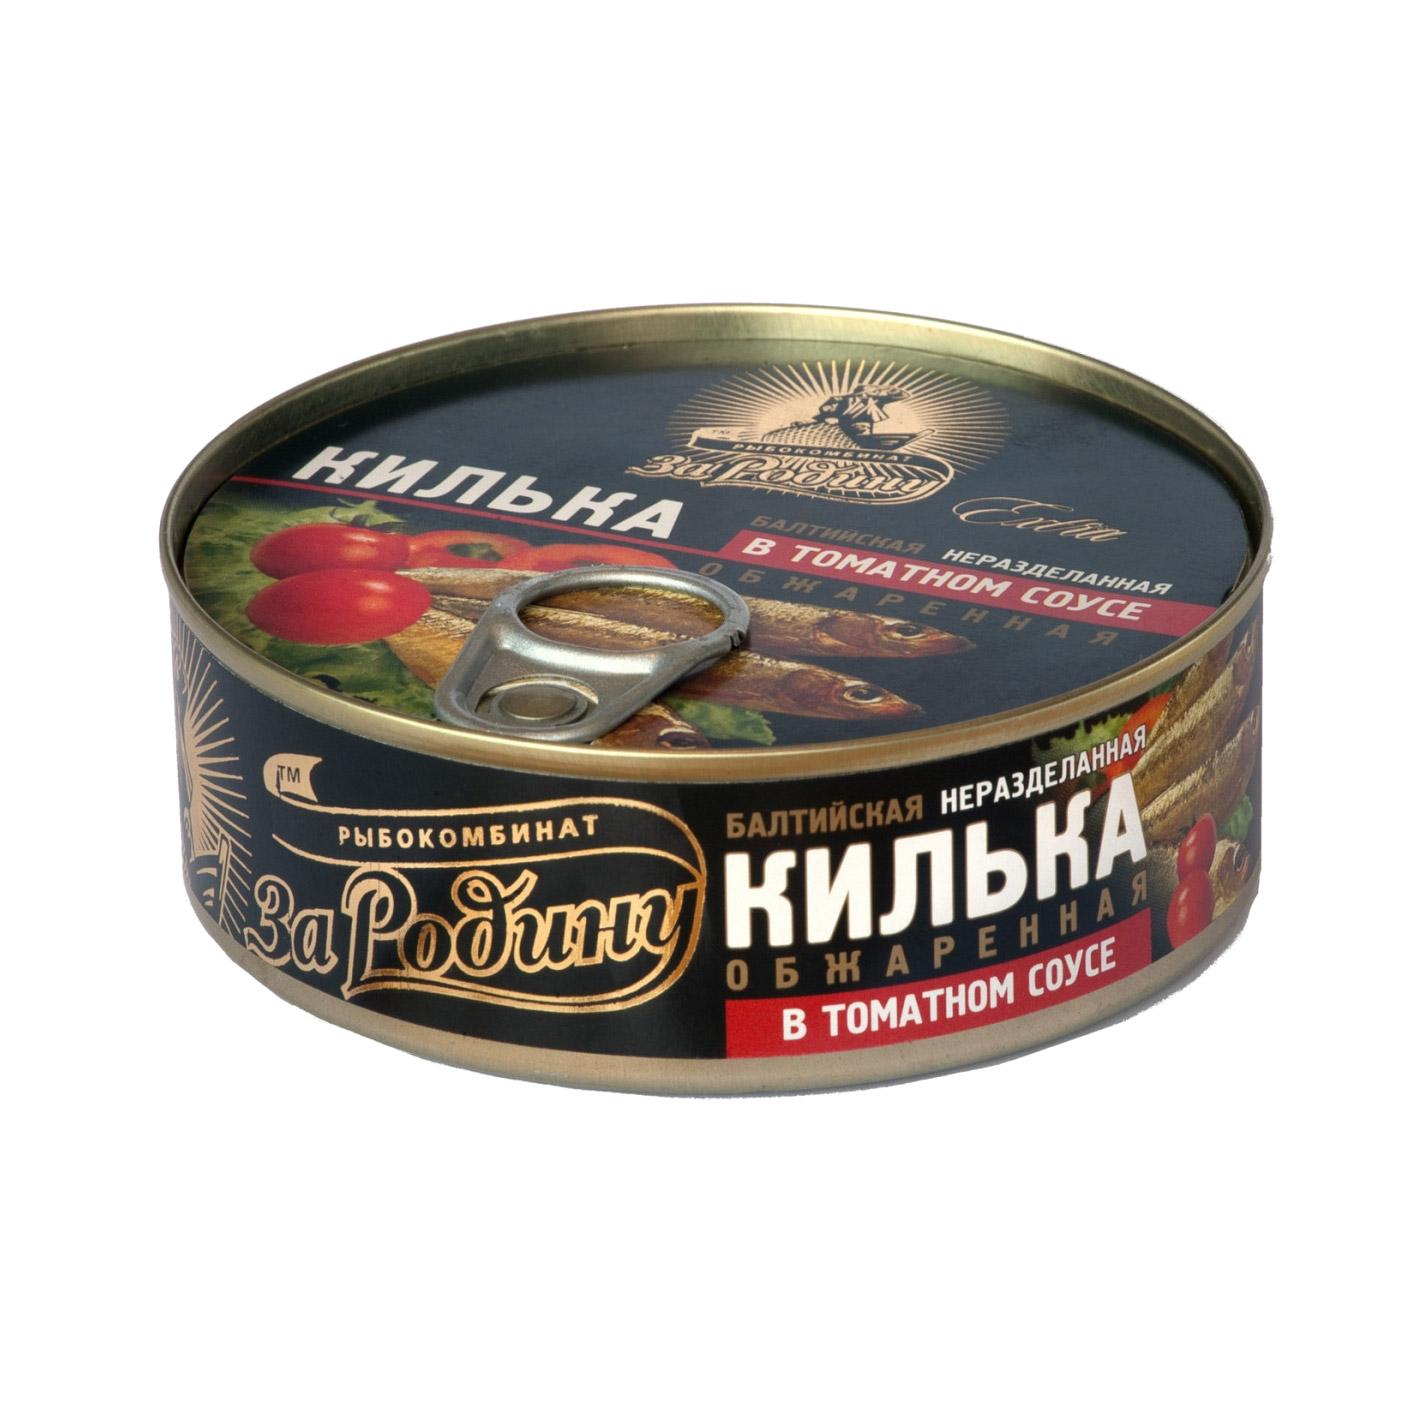 Килька обжаренная За Родину в томатном соусе 240 г фото